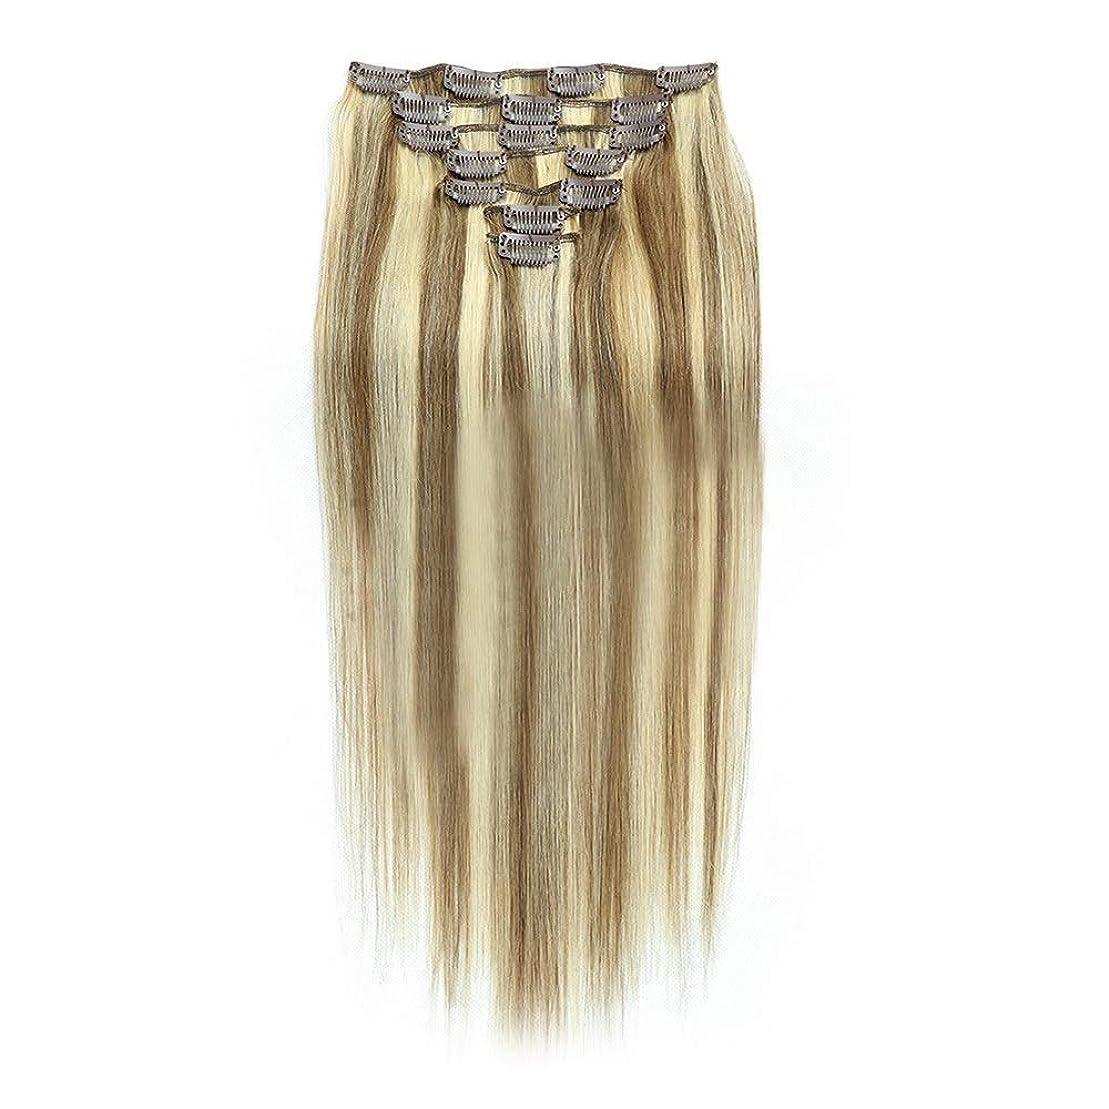 である階段シャープHOHYLLYA 20インチクリップinヘアエクステンション人間の髪の毛の色#8/613アッシュブロンドミックスブラウン7個ロールプレイングかつら女性のかつら (色 : #8/613)